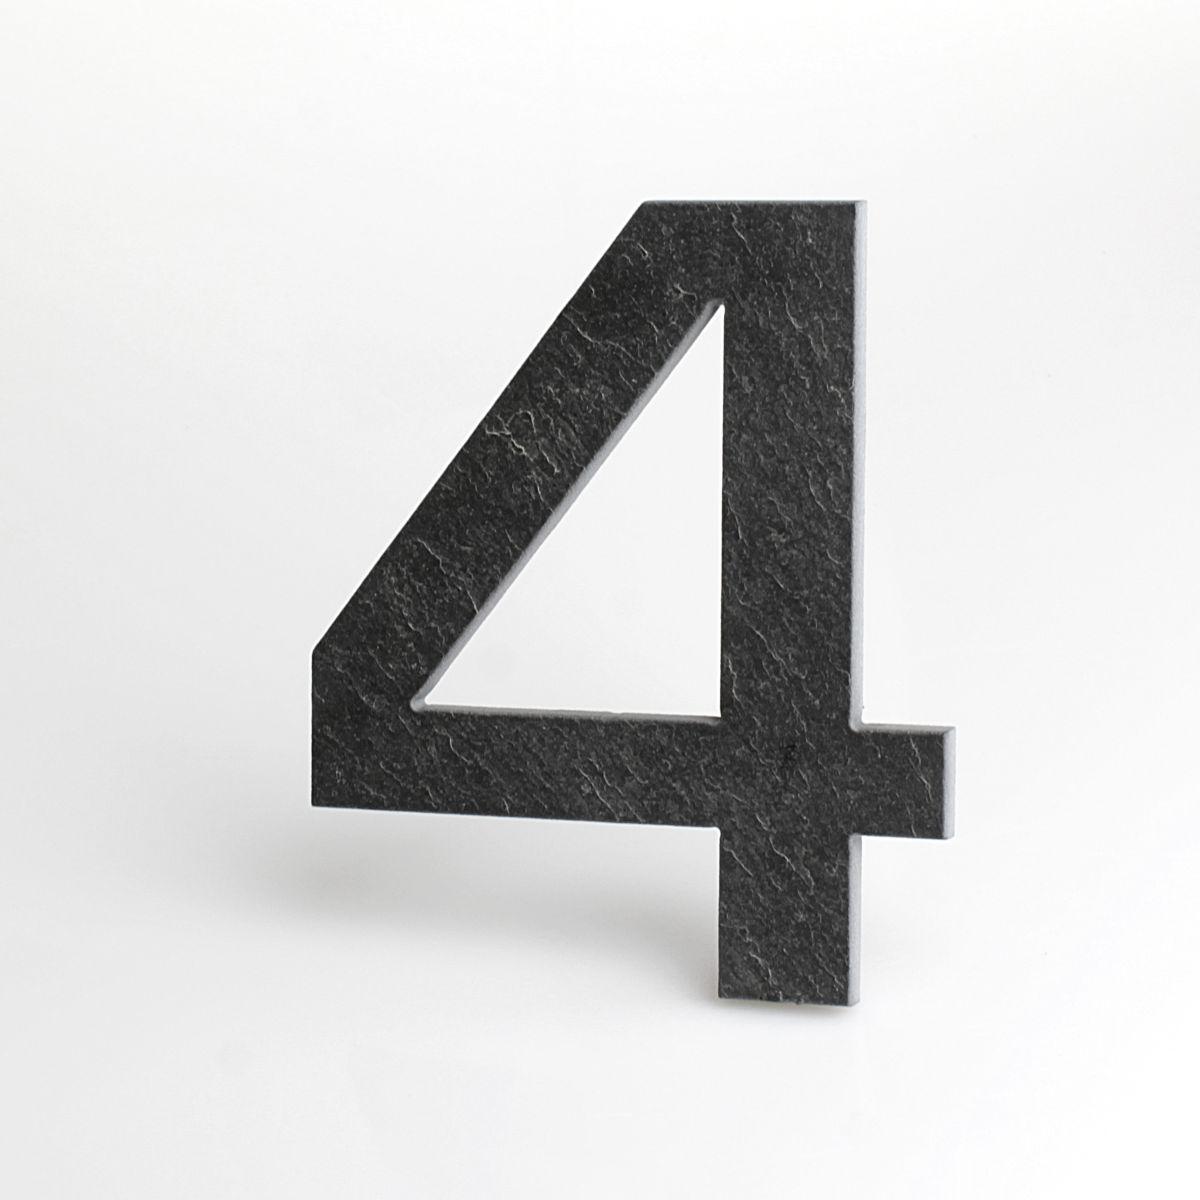 Domovní číslo popisné Břidlice EUROMODE - č. 4